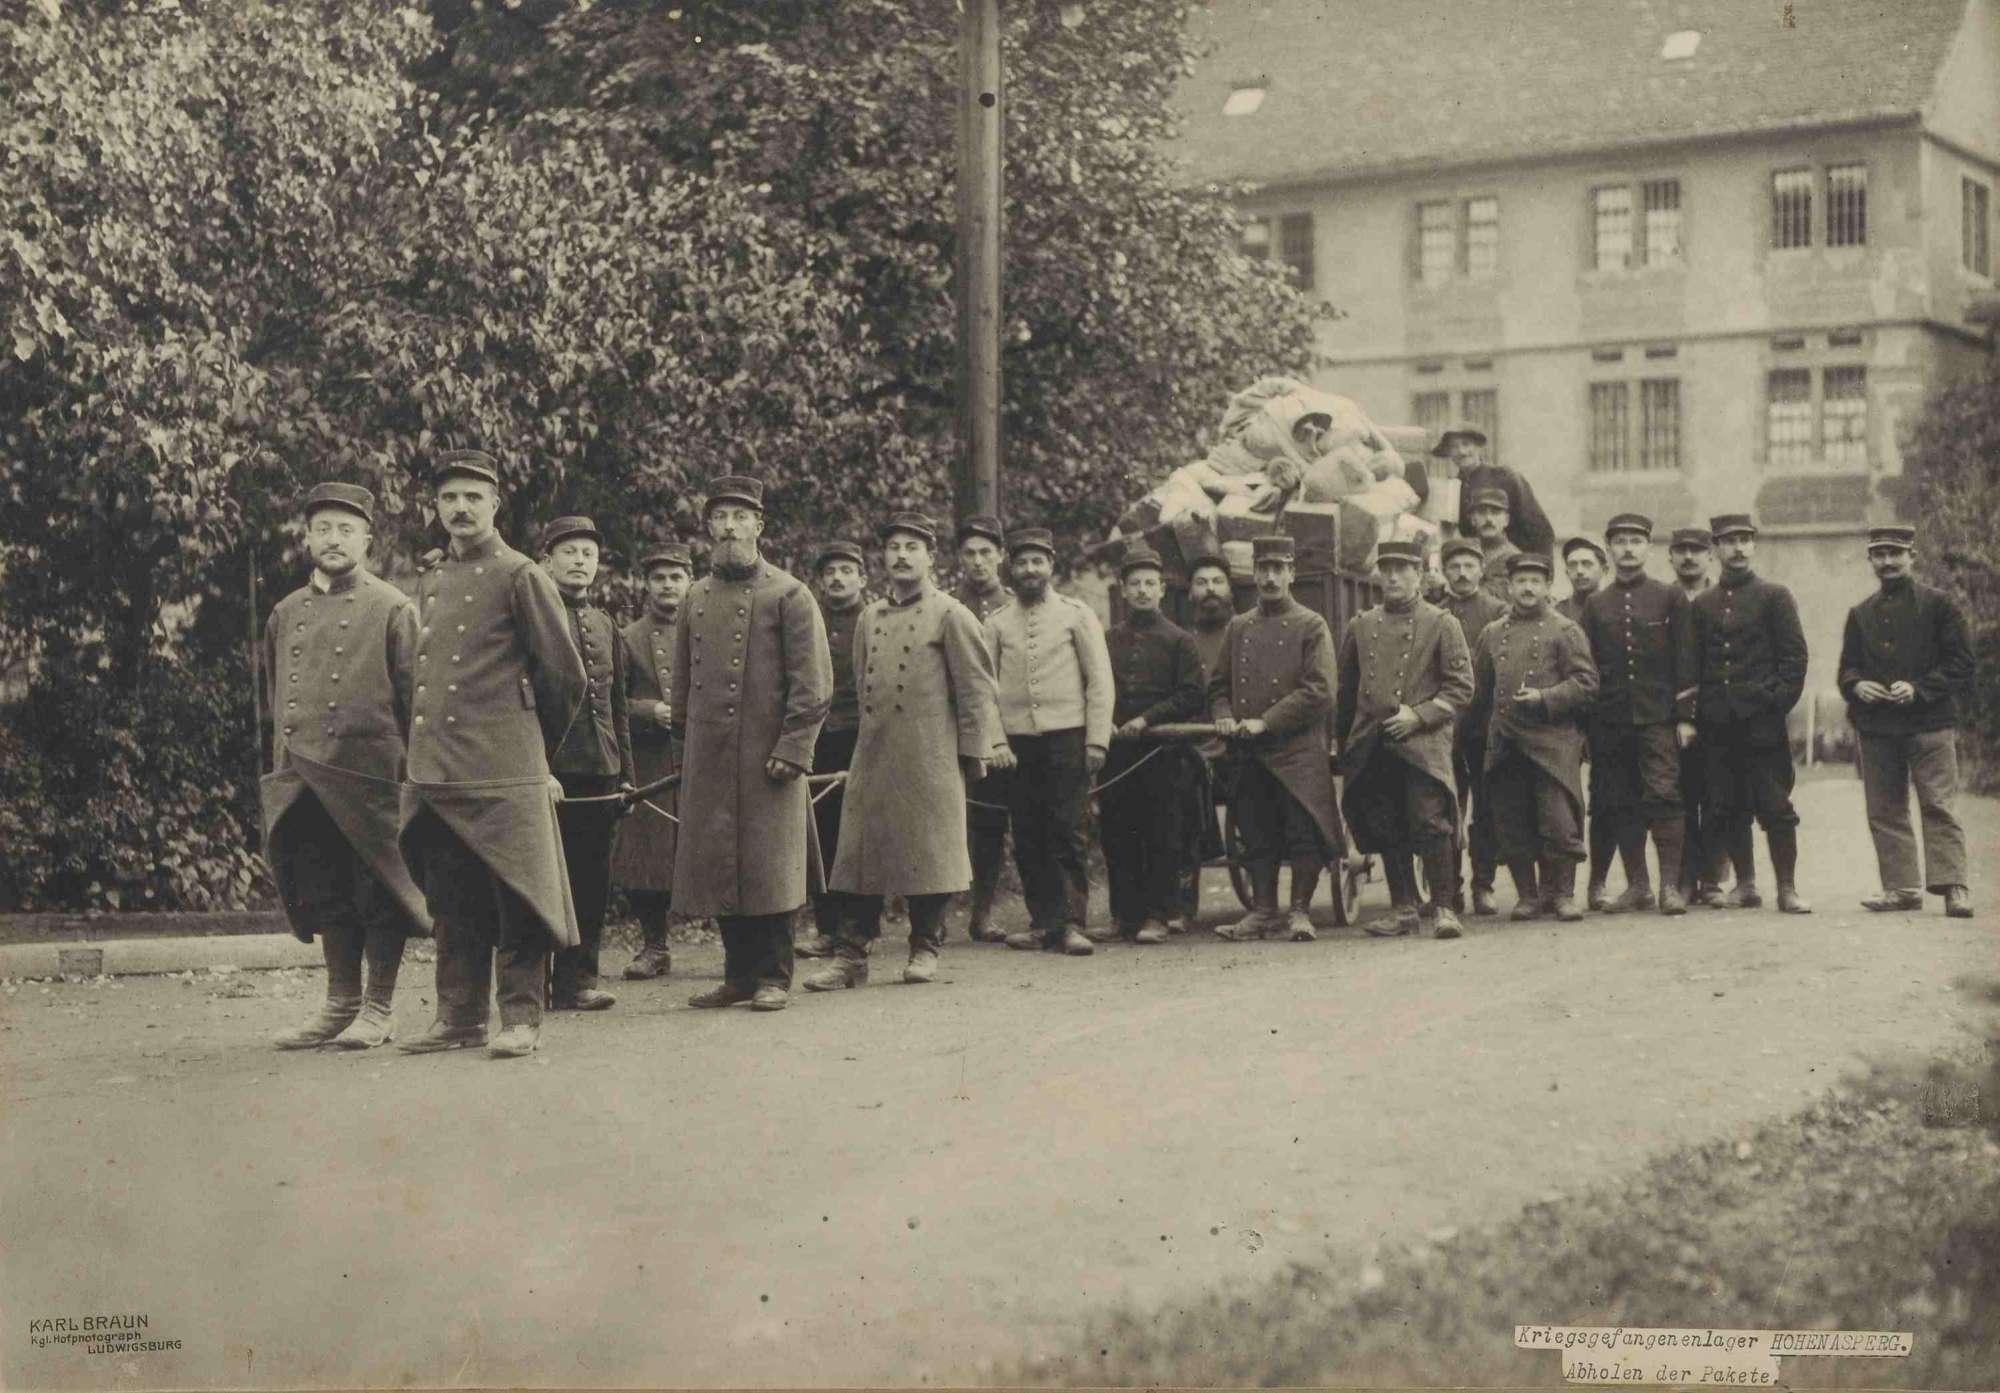 Zweiundzwanzig Kriegsgefangene im Kriegsgefangenenlager Hohenasperg vor einem gezogenen Wagen mit Säcken und Paketen, im Hintergrund Innenhofgebäude, Bild 1